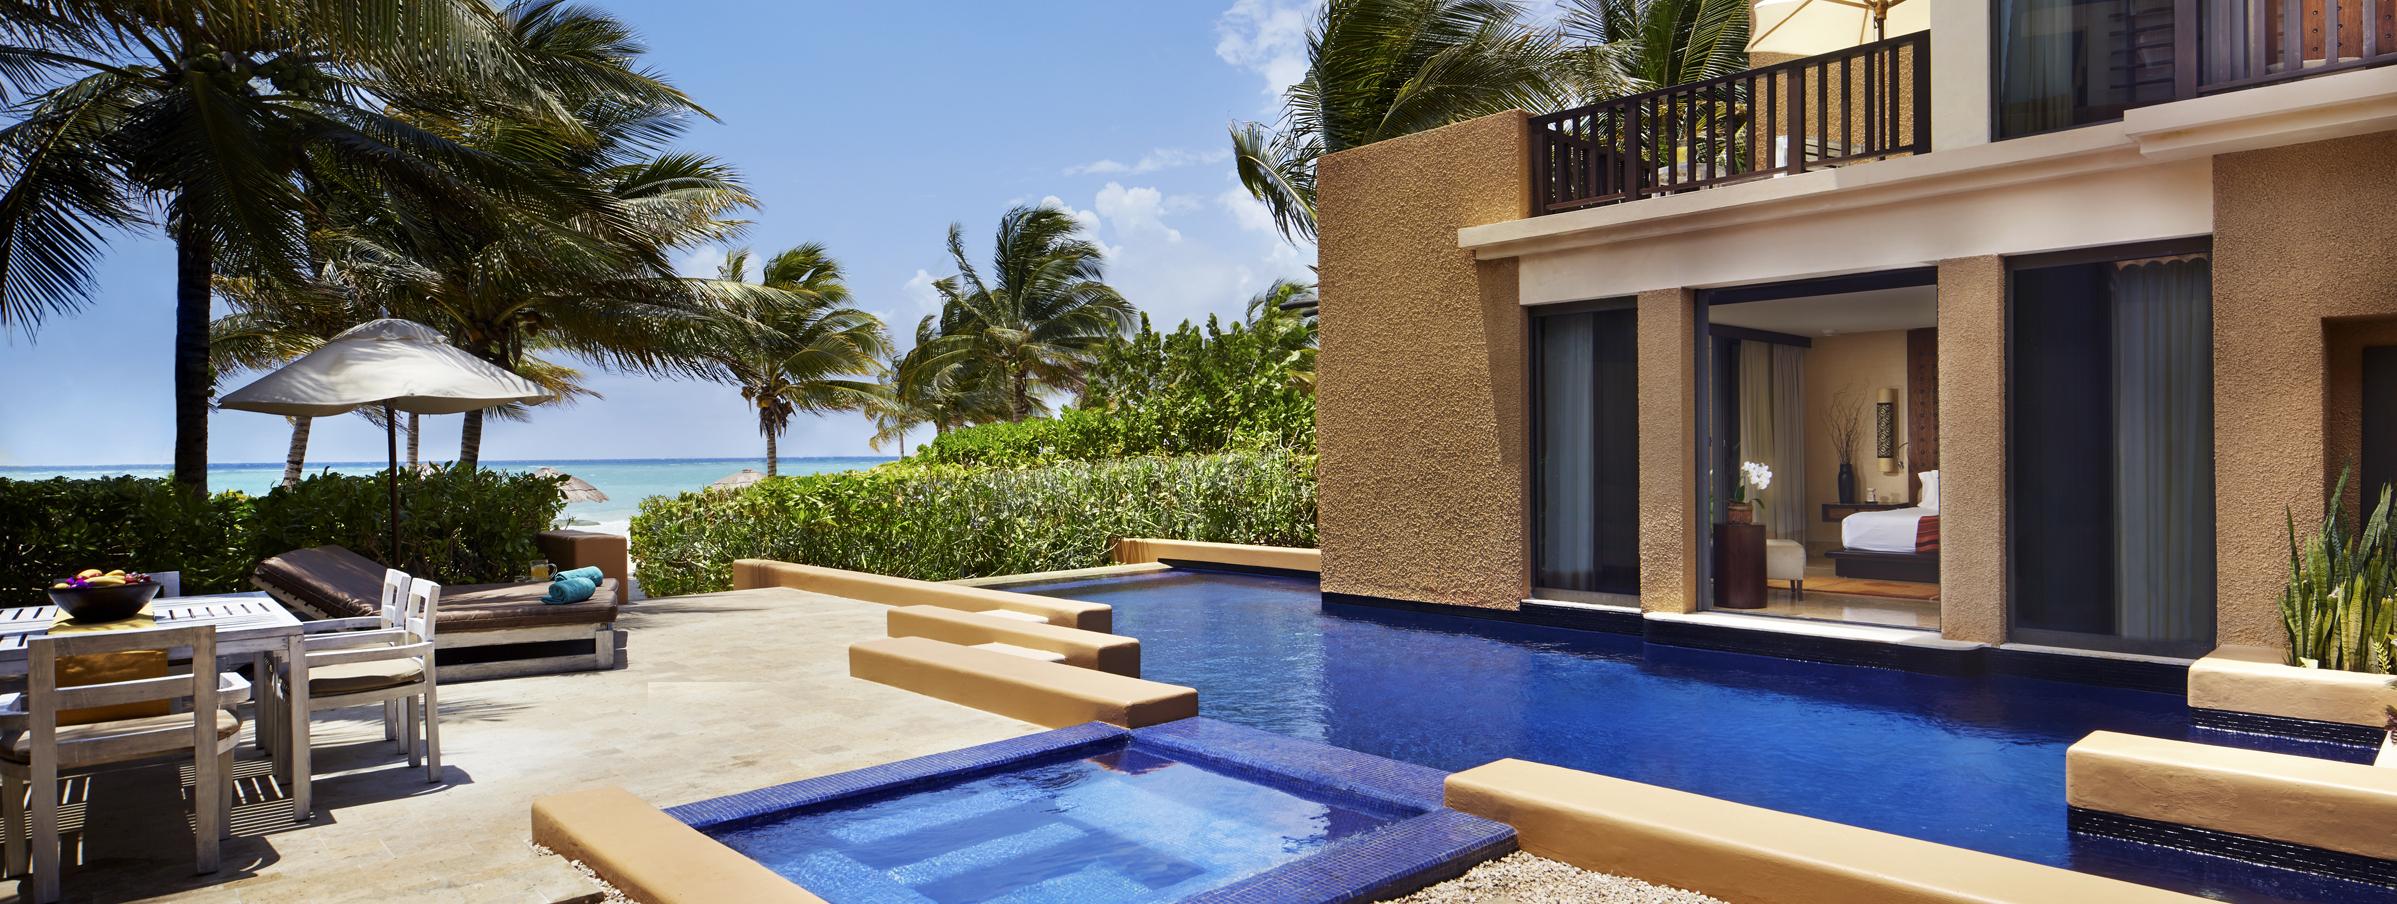 3-bedroom-pool-villa-banyan-tree-001